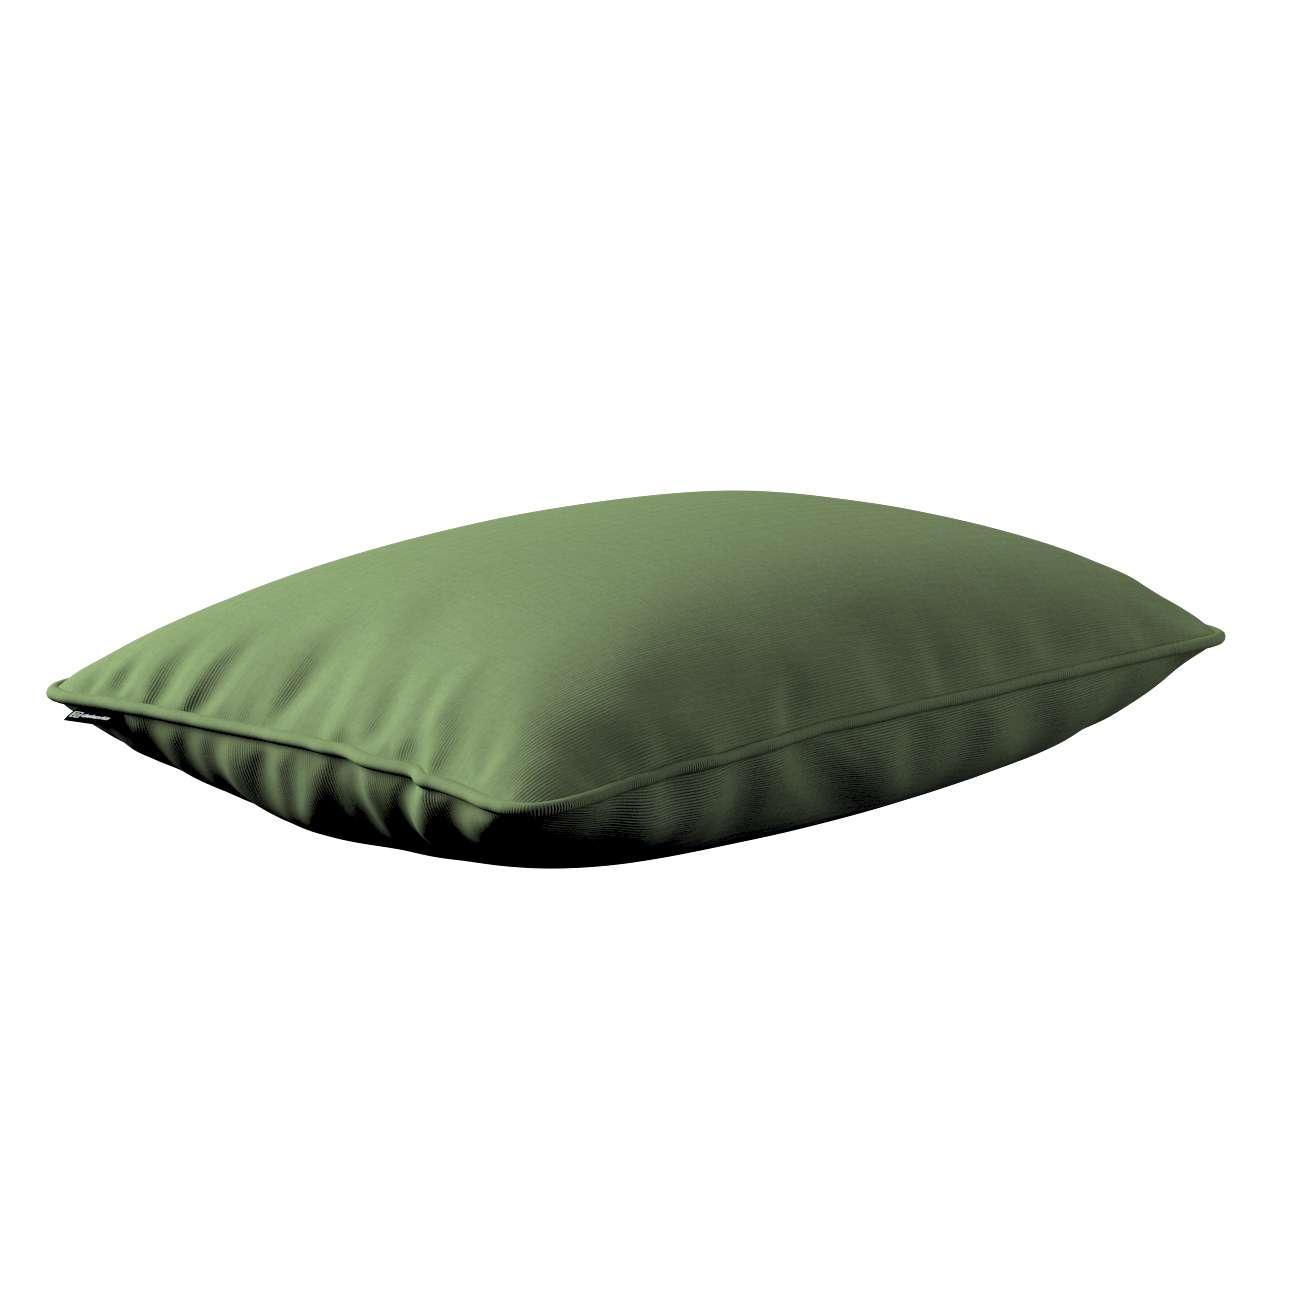 Poszewka Gabi na poduszkę prostokątna 60x40cm w kolekcji Jupiter, tkanina: 127-52